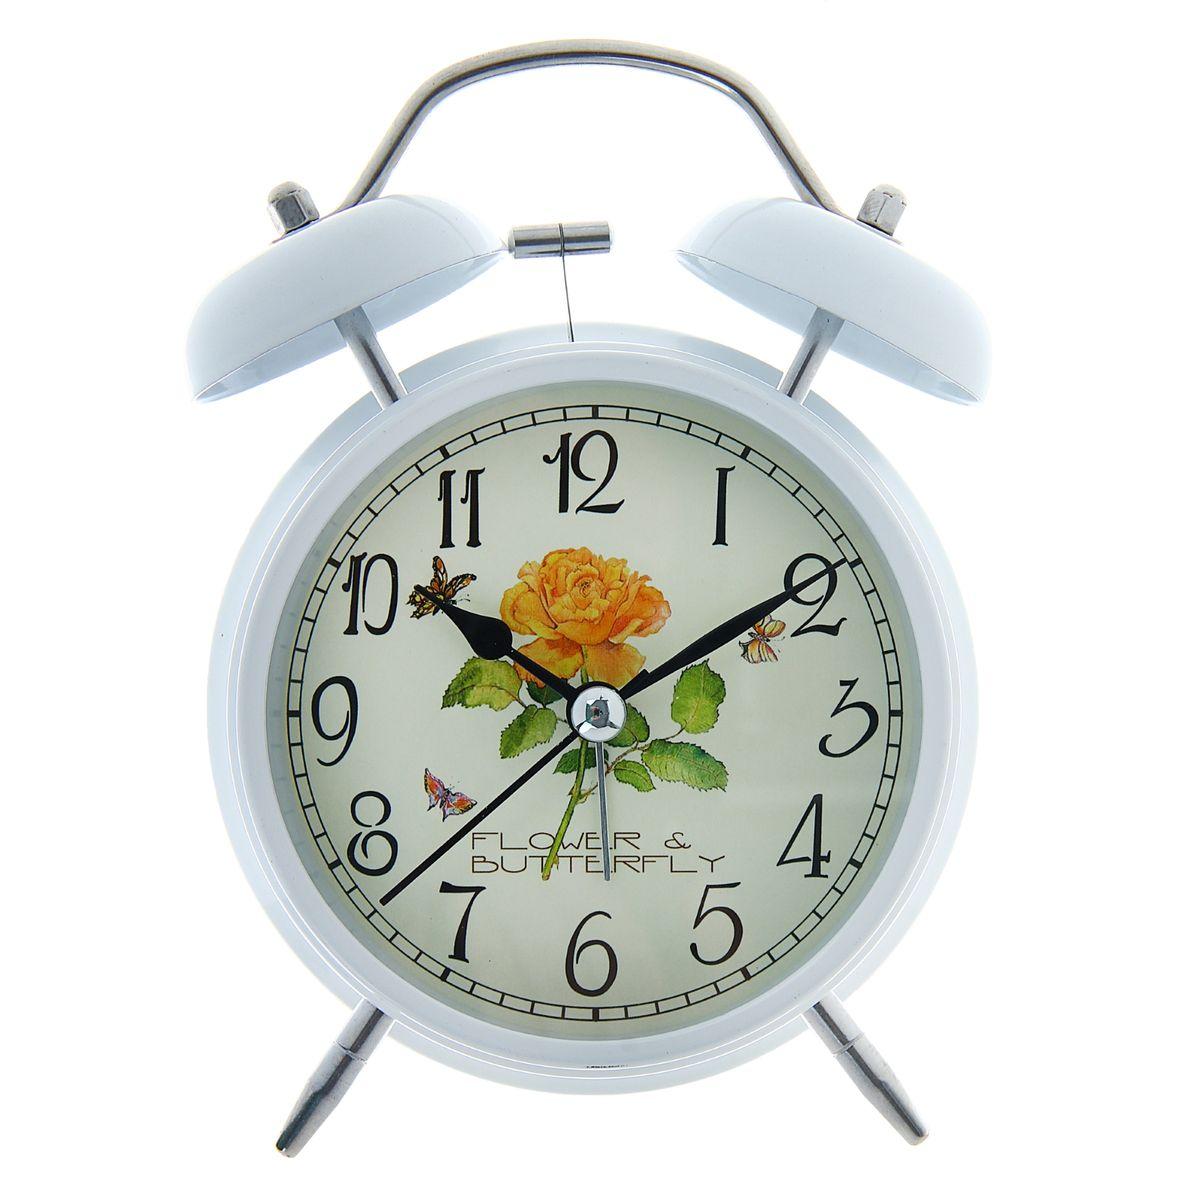 Часы-будильник Sima-land Flower & Butterfly556717Как же сложно иногда вставать вовремя! Всегда так хочется поспать еще хотя бы 5 минут и бывает, что мы просыпаем. Теперь этого не случится! Яркий, оригинальный будильник Sima-land Flower & Butterfly поможет вам всегда вставать в нужное время и успевать везде и всюду. Корпус будильника выполнен из металла. Циферблат оформлен изображением цветов и бабочек. Часы снабжены 4 стрелками (секундная, минутная, часовая и для будильника). На задней панели будильника расположен переключатель включения/выключения механизма, а также два колесика для настройки текущего времени и времени звонка будильника. Изделие снабжено подсветкой, которая включается нажатием на кнопку с задней стороны корпуса. Пользоваться будильником очень легко: нужно всего лишь поставить батарейку, настроить точное время и установить время звонка. Необходимо докупить 1 батарейку типа АА (не входит в комплект).